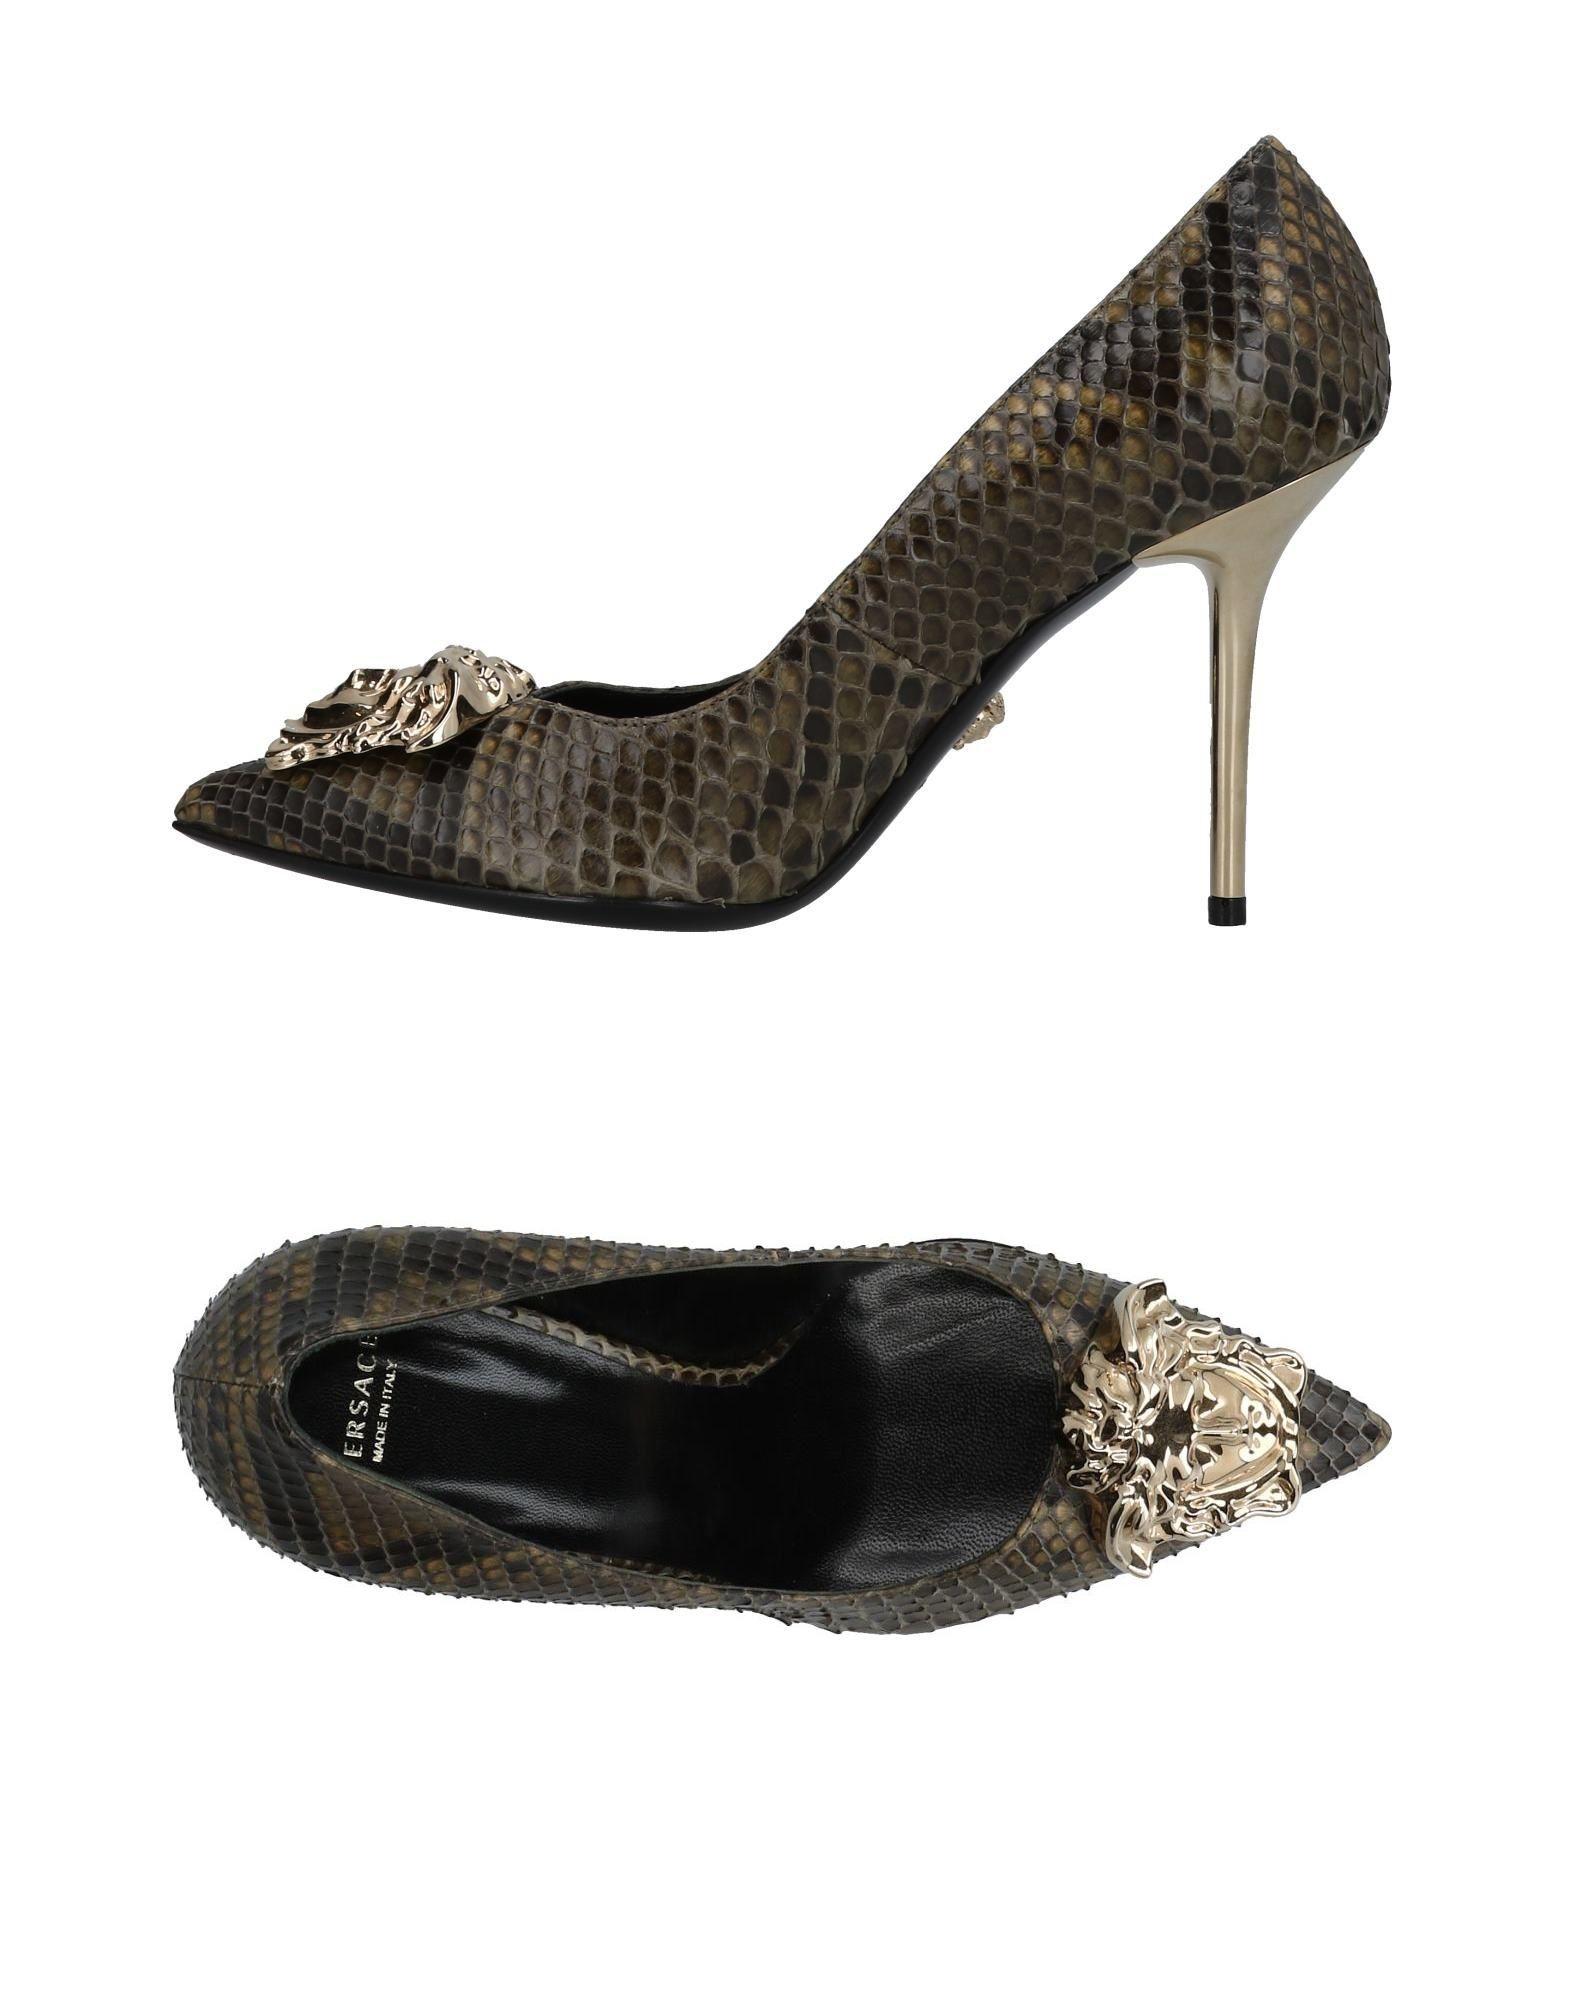 Escarpins Versace Femme - Escarpins Versace sur